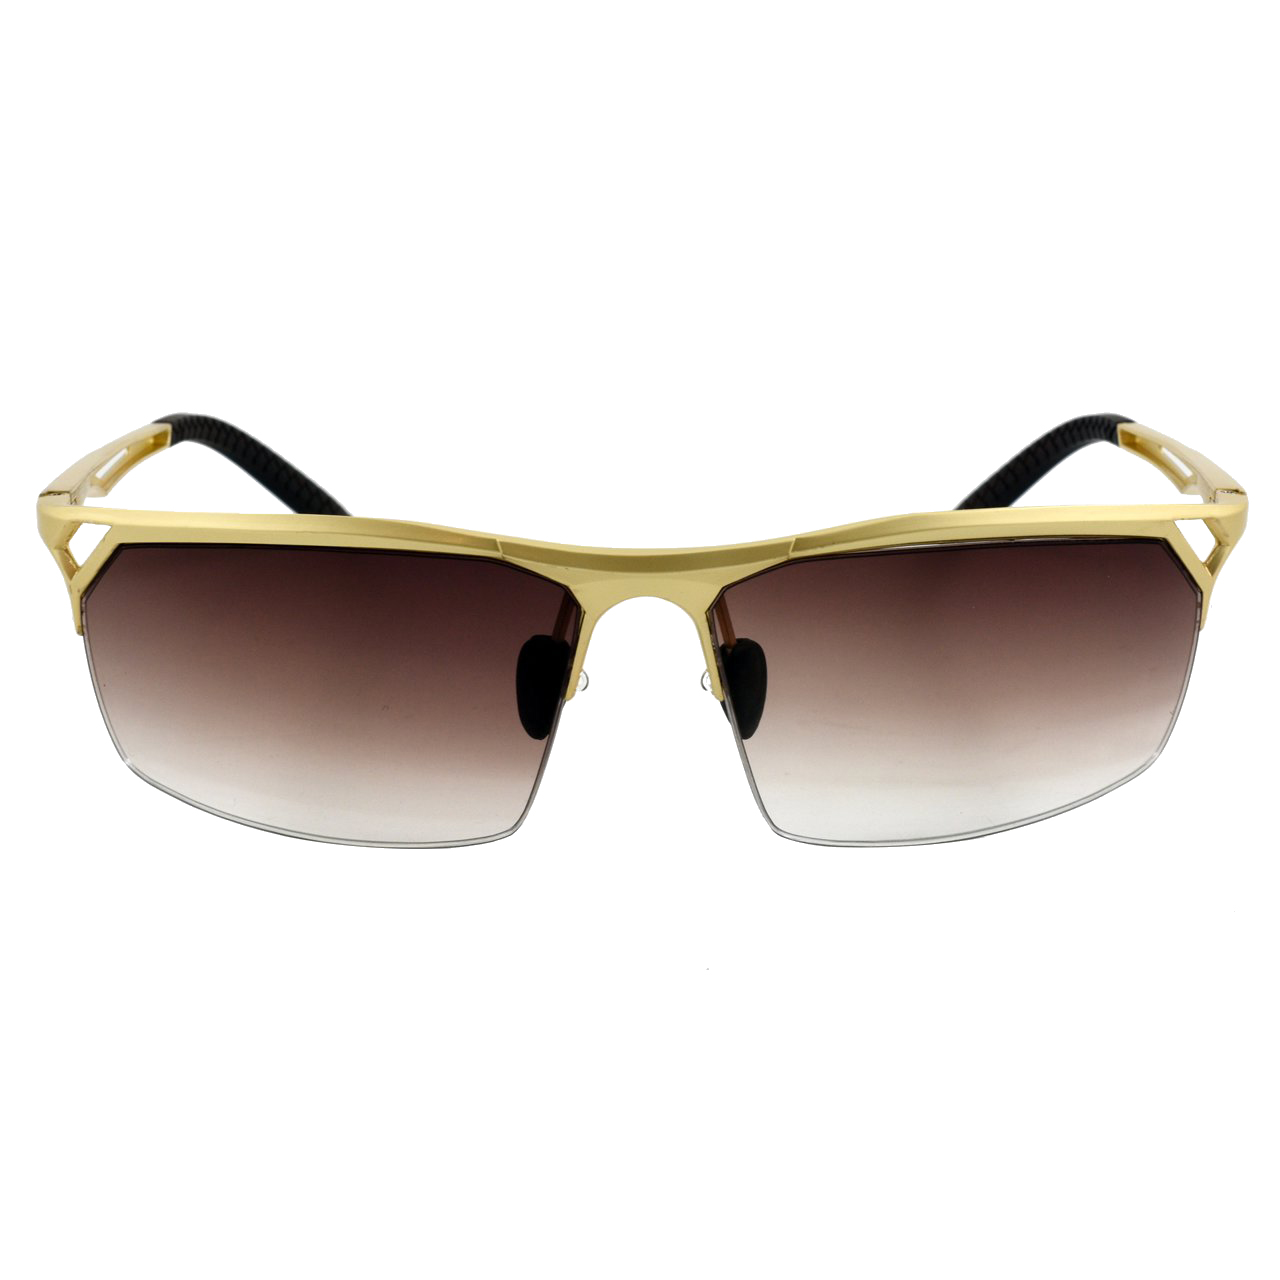 قیمت عینک آفتابی ویلی بولو مدل Daily Sport Series Brown